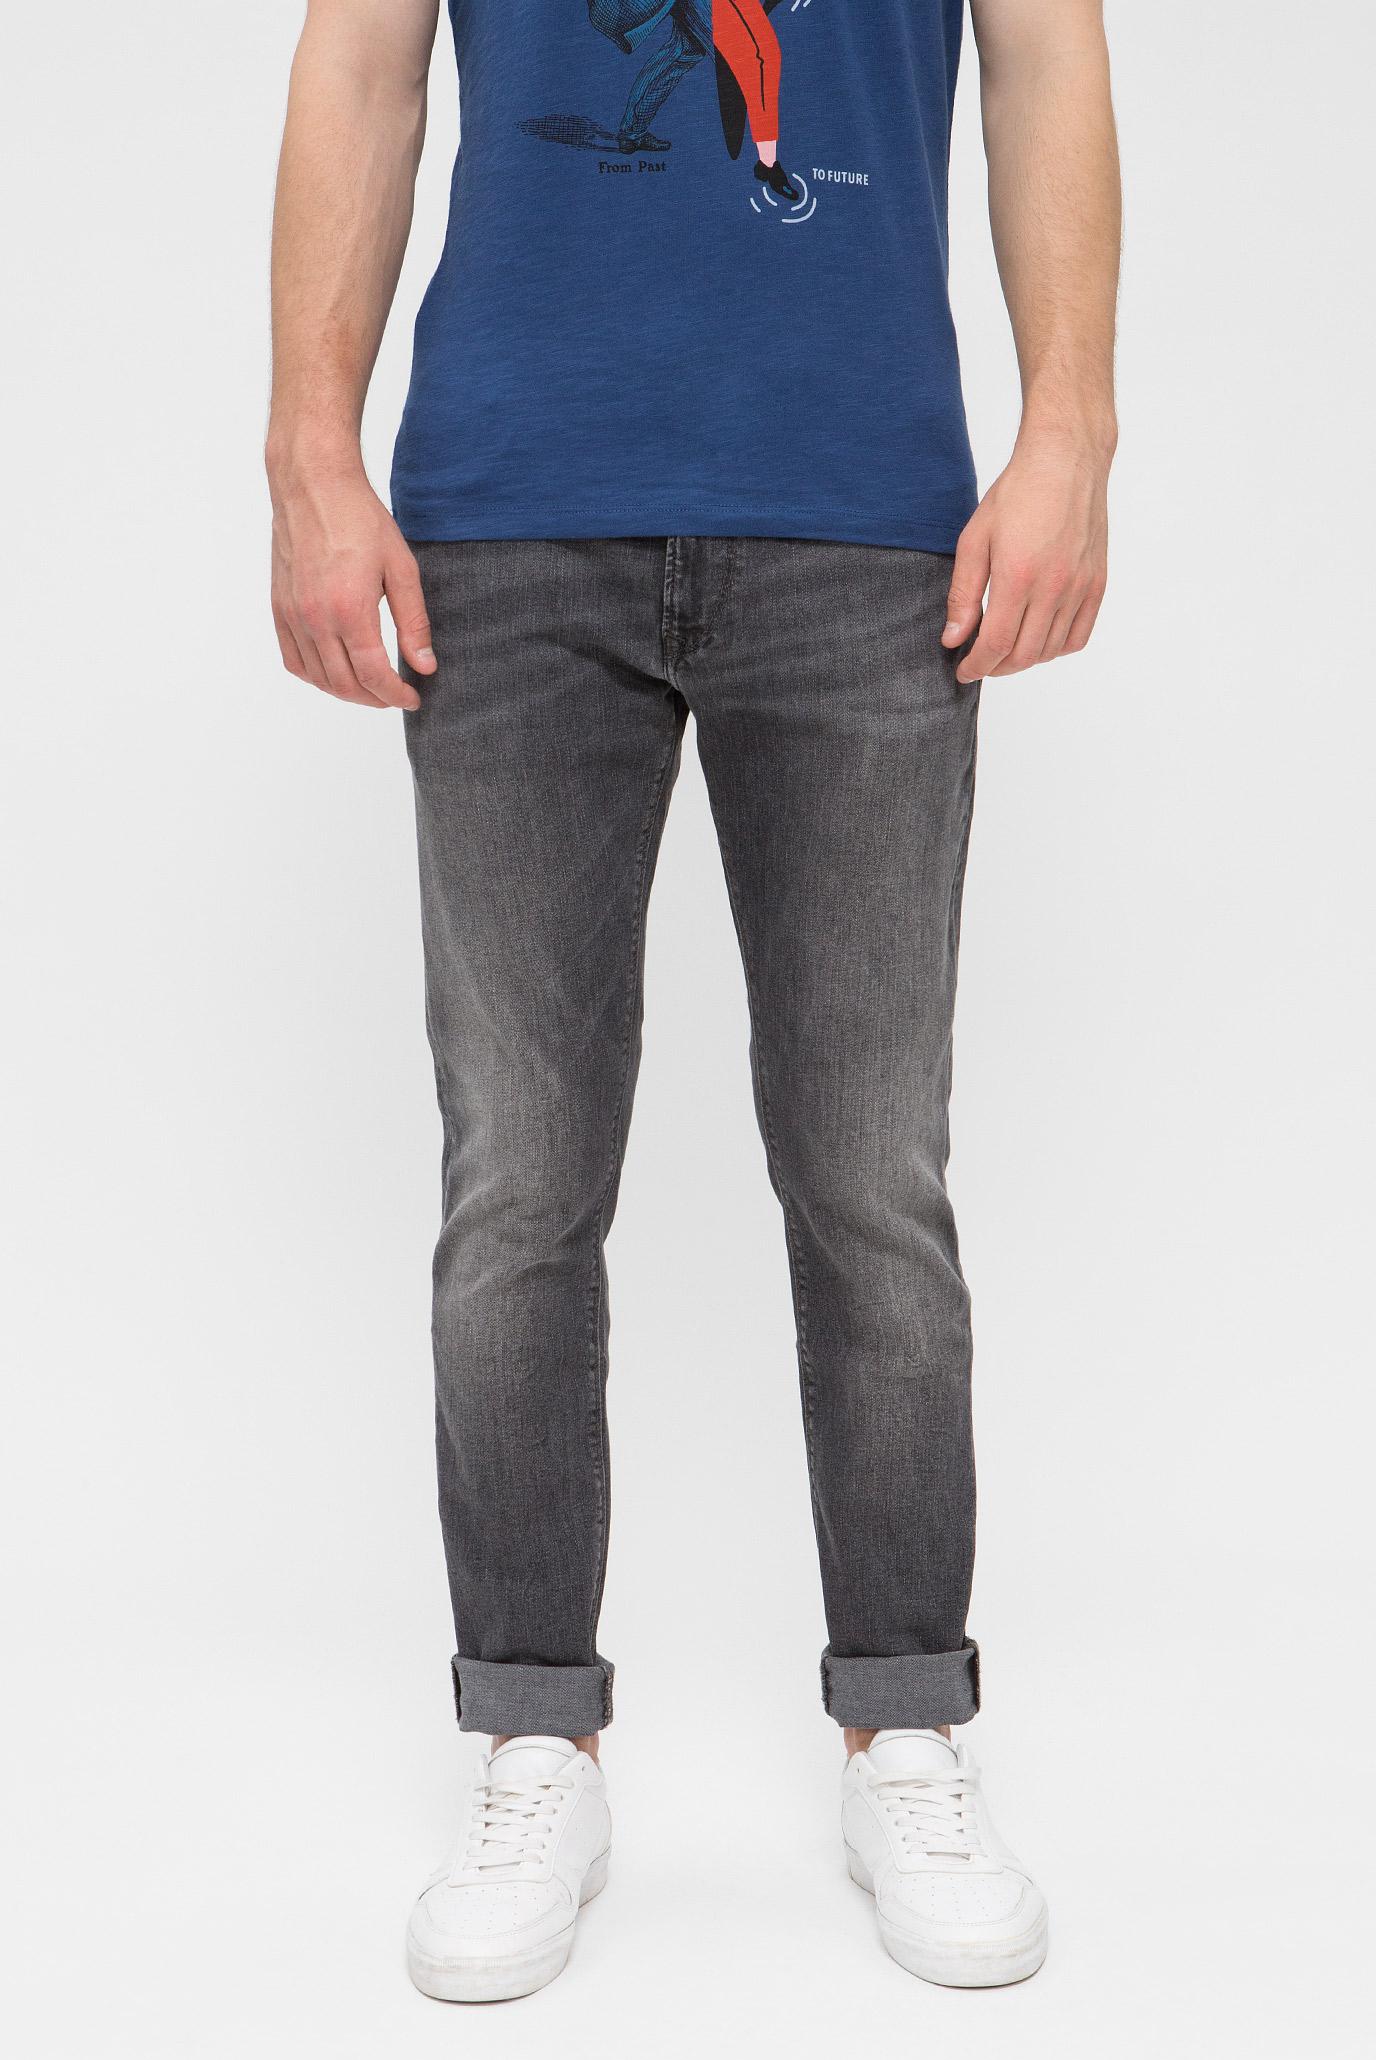 Купить Мужские серые джинсы STANLEY Pepe Jeans Pepe Jeans PM201705WC22 – Киев, Украина. Цены в интернет магазине MD Fashion